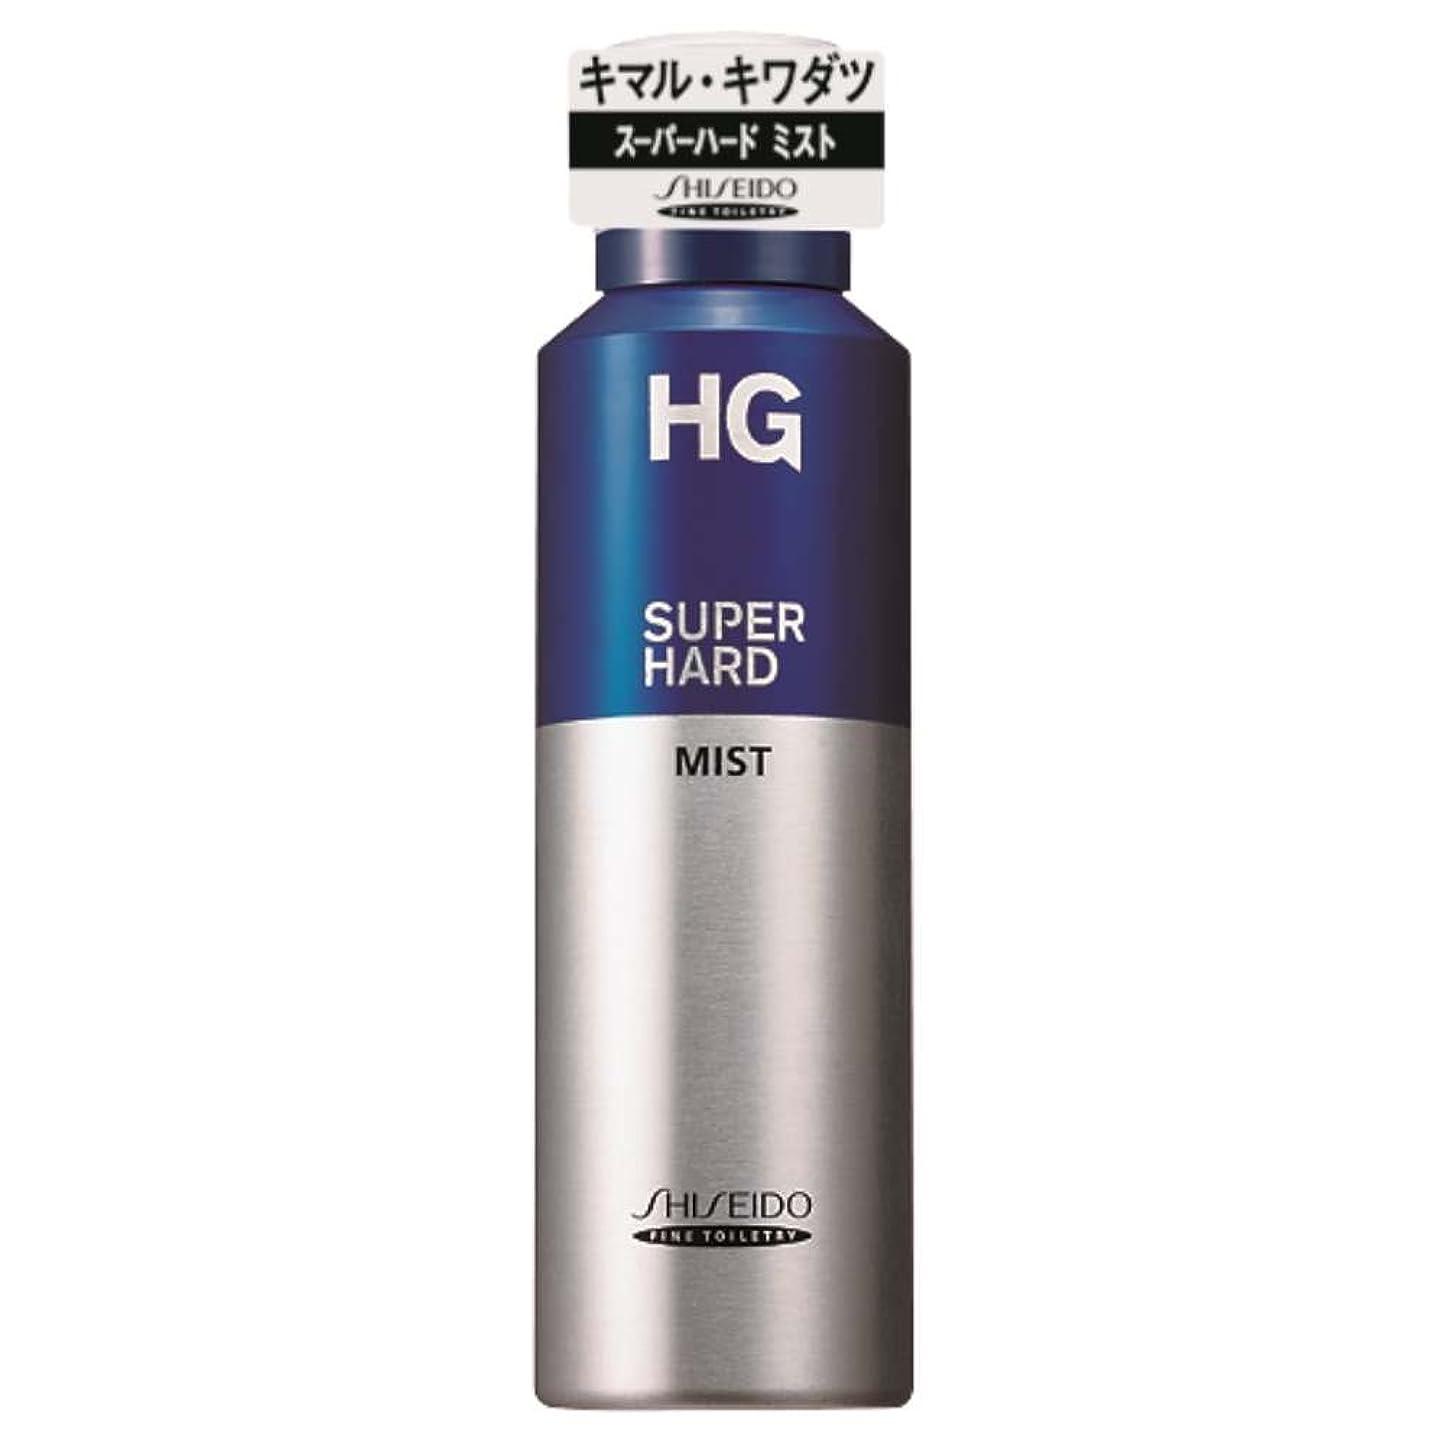 宗教的な鑑定中世のHG スーパーハードミストa 【HTRC3】